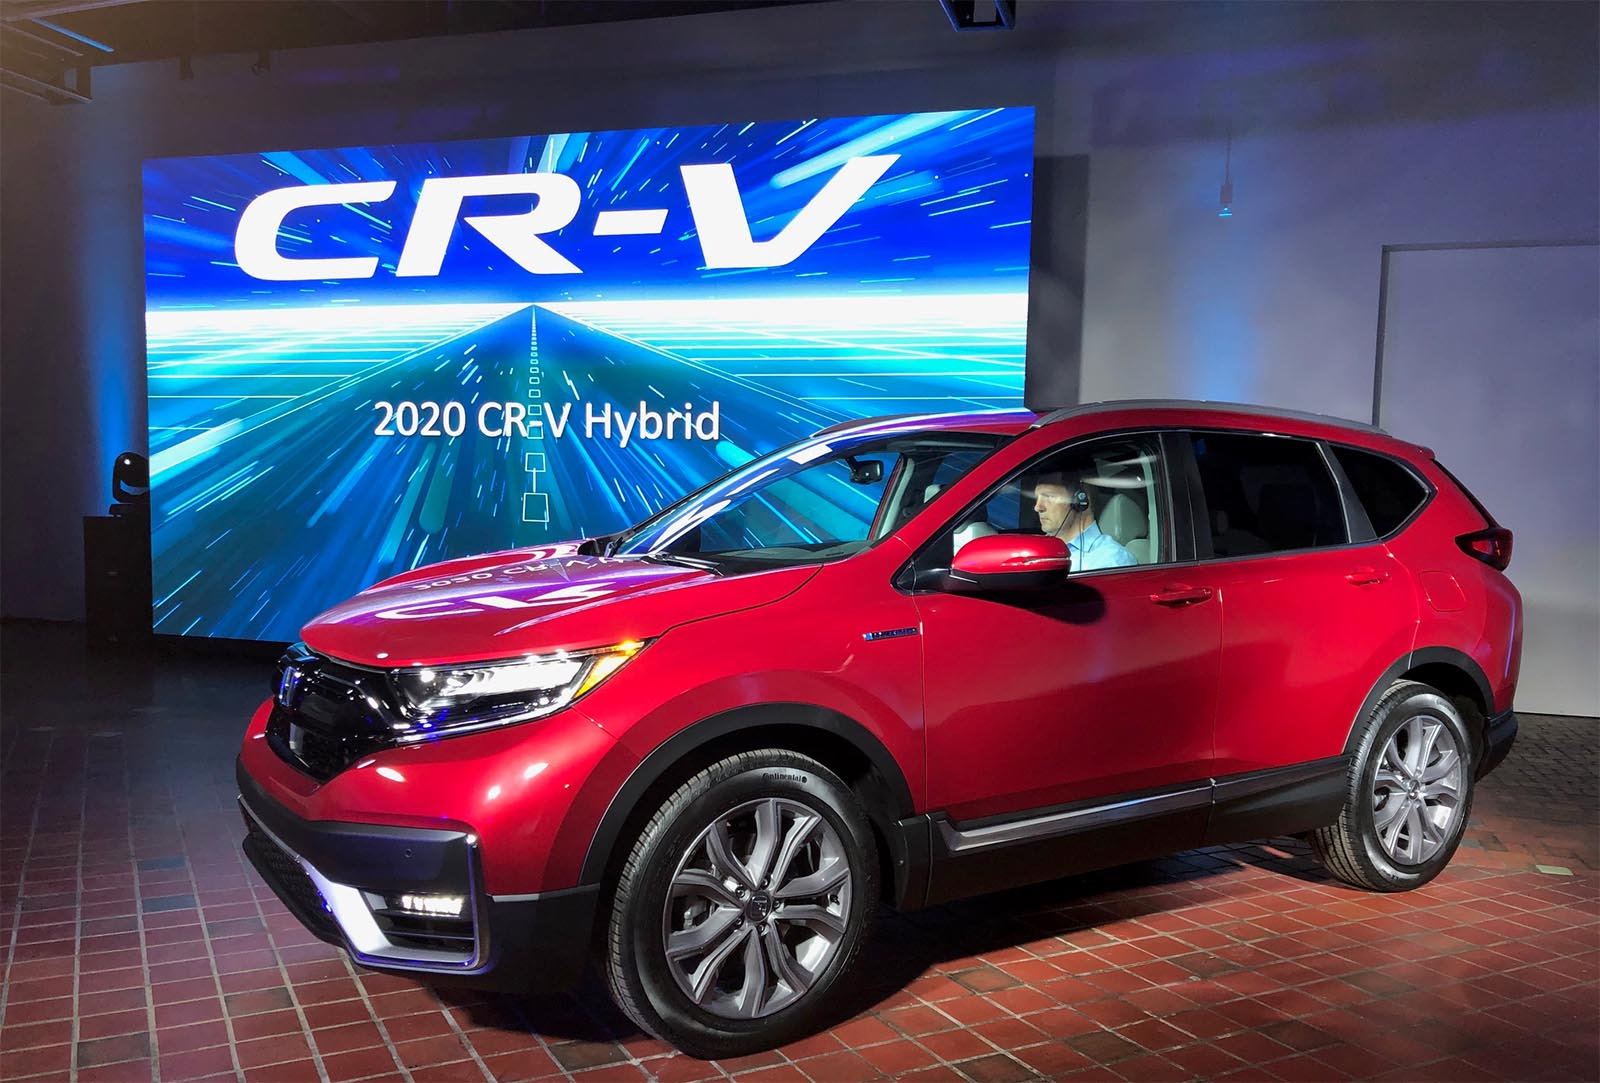 First Look: 2020 Honda CR-V Hybrid | TheDetroitBureau.com